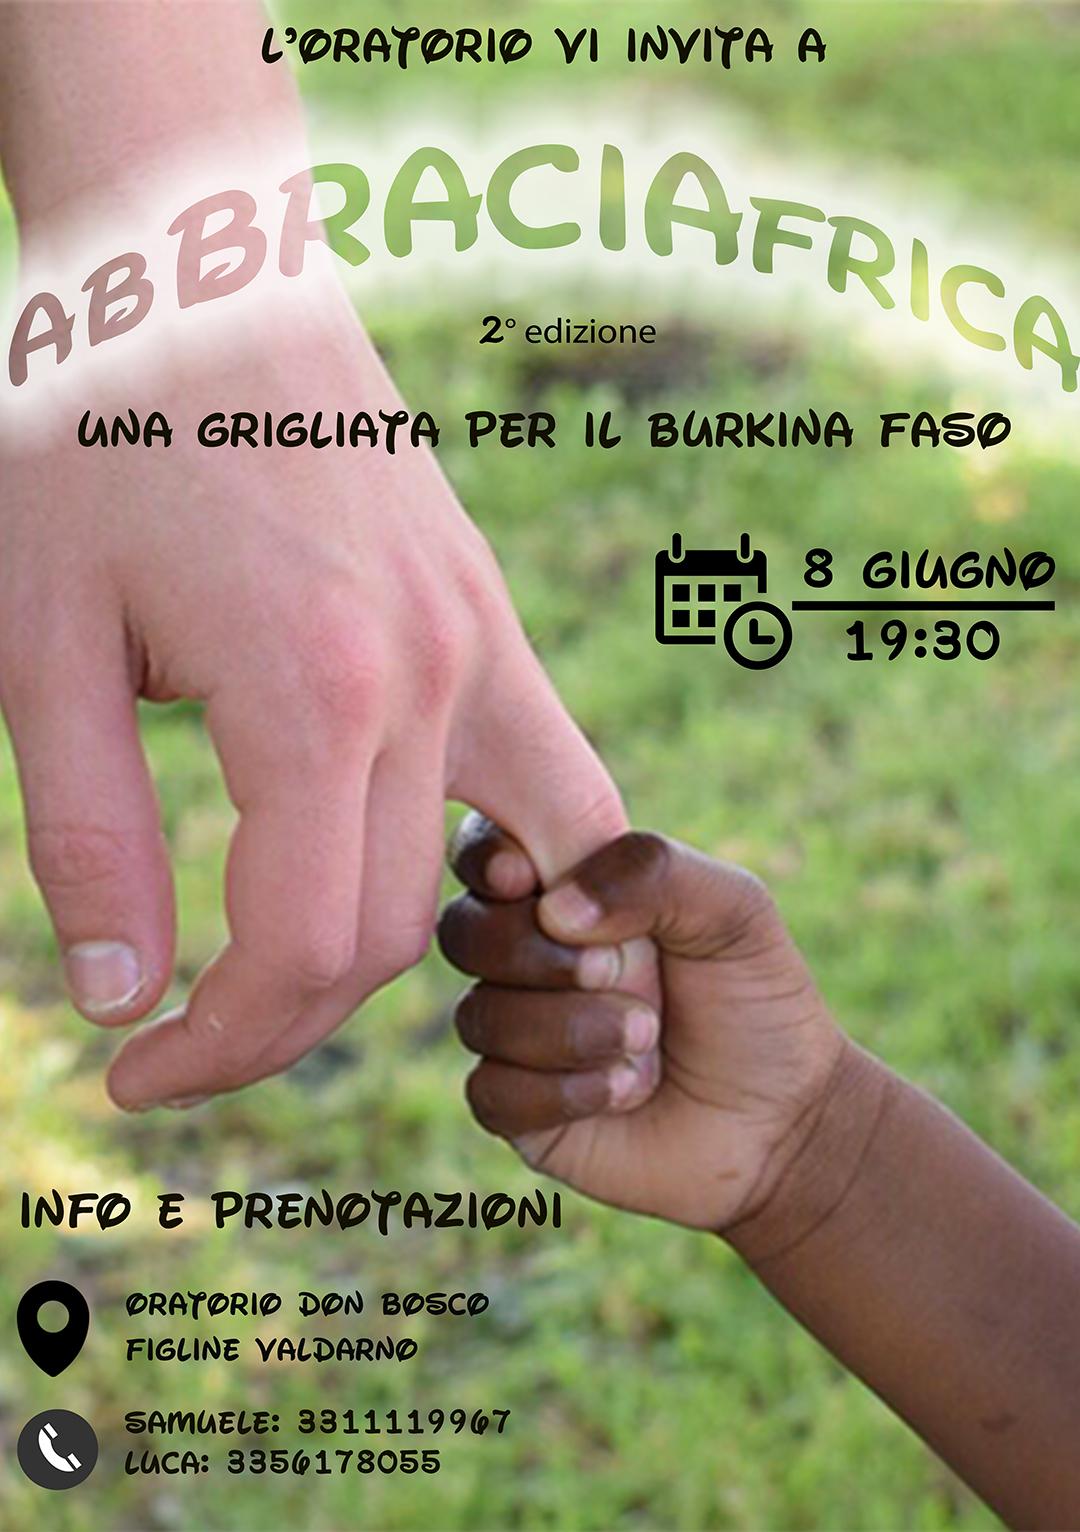 AbBRACIAfrica - Una grigliata per il Burkina Faso